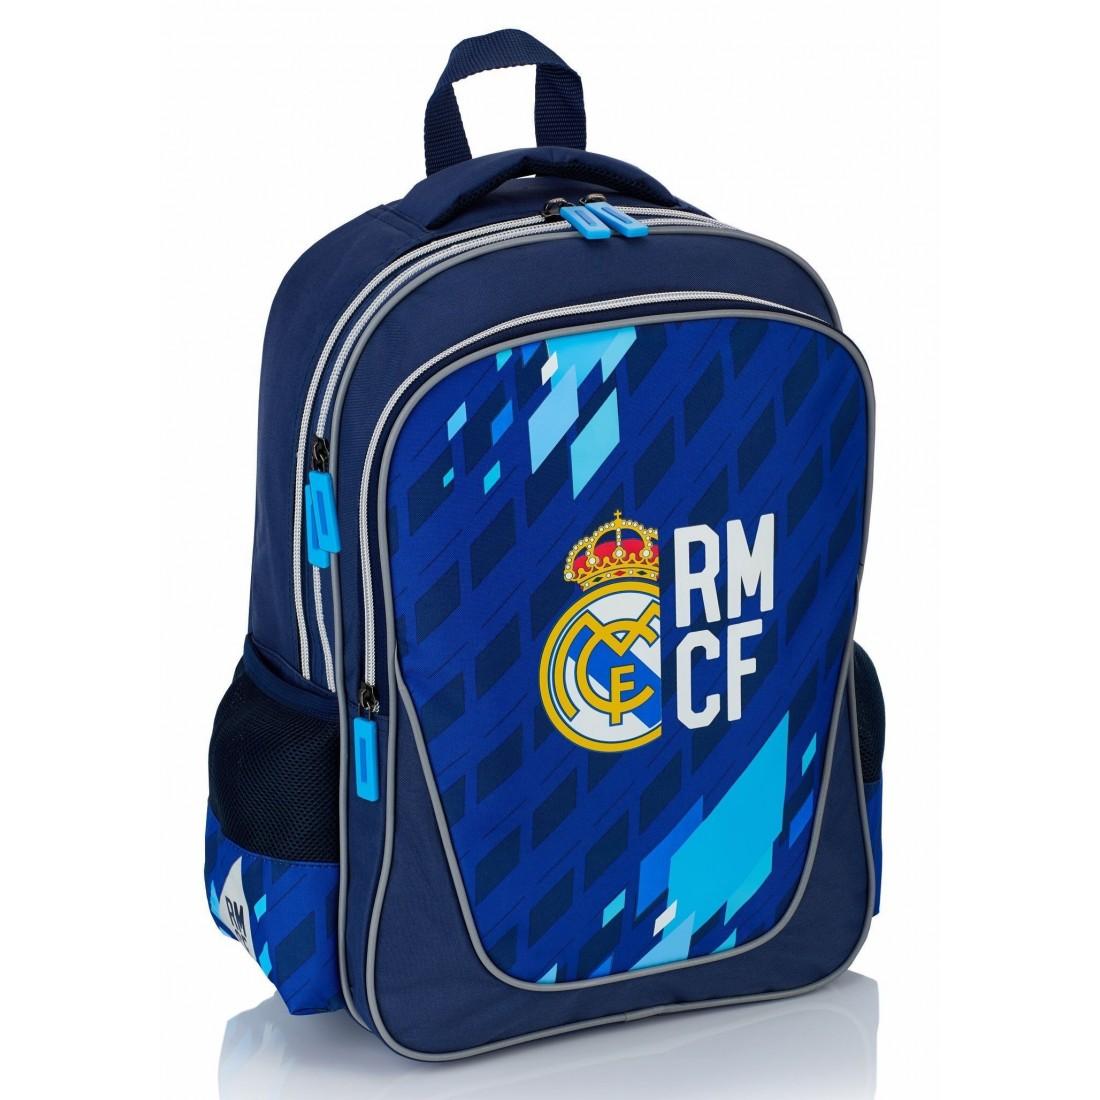 31daa6b0eb3fd Plecak młodzieżowy Real Madryt do pierwszej klasy granatowy - RM-121 ...